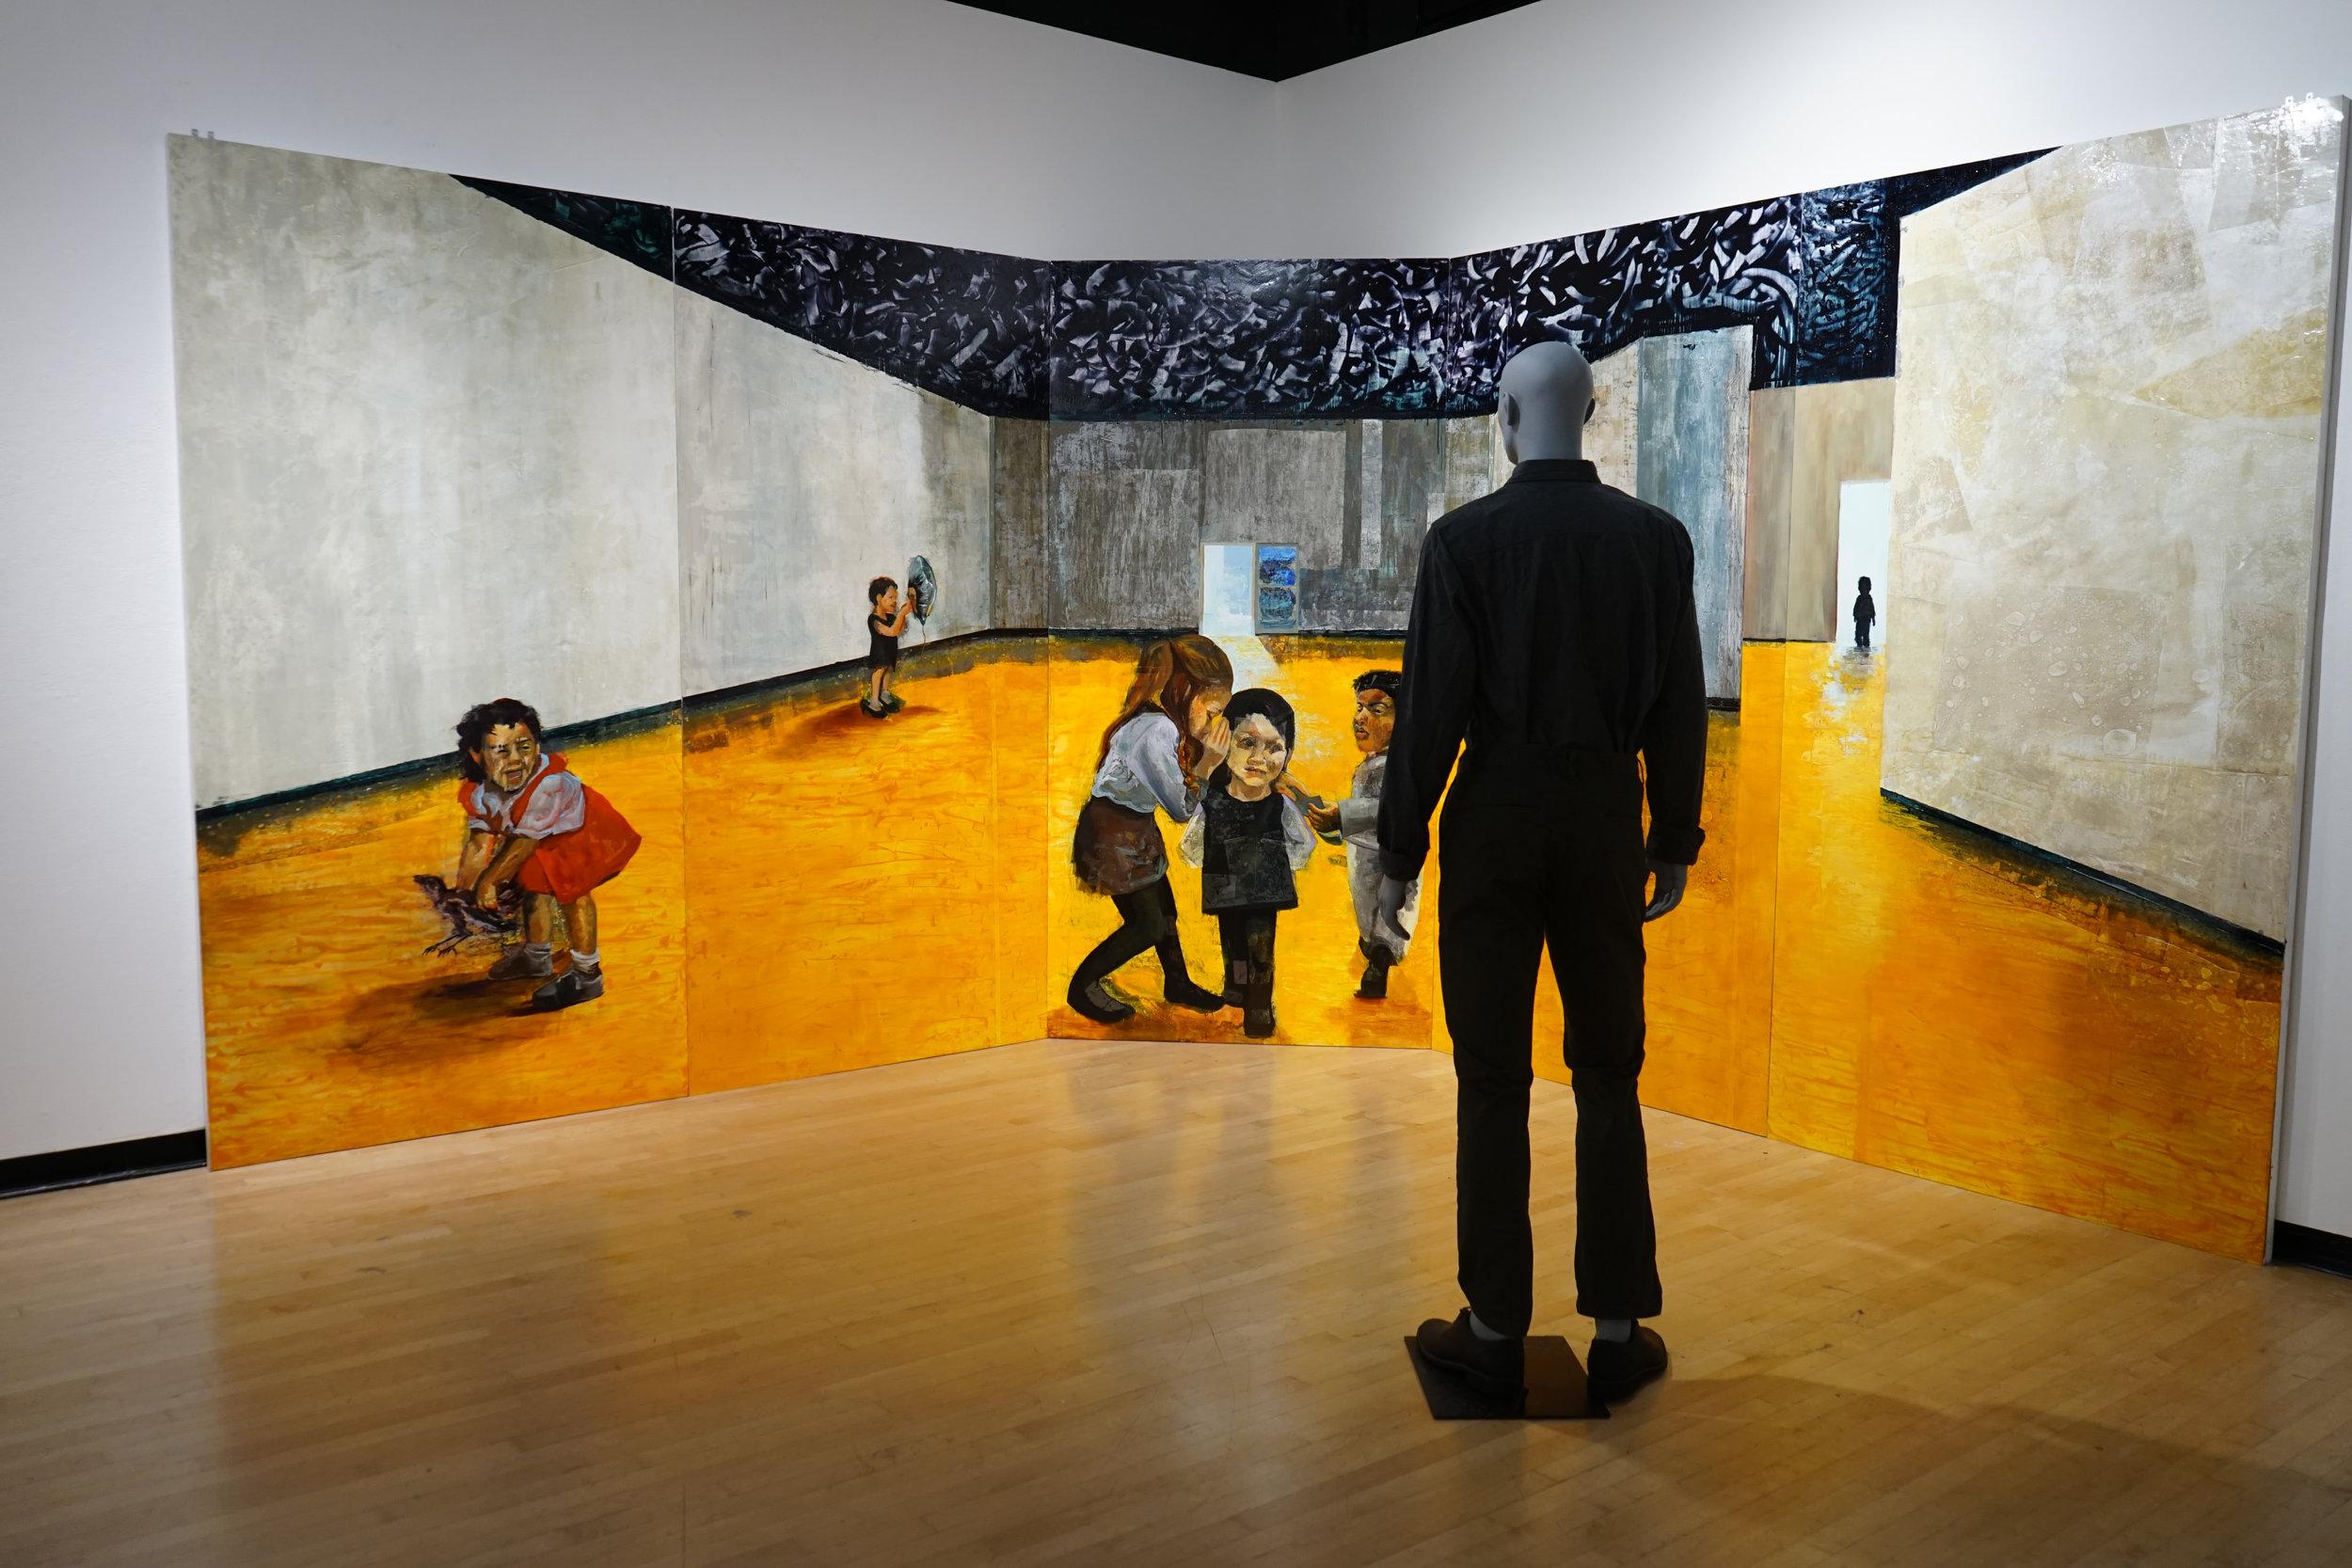 Prism Mock Resin & Oil + Man 8ft x 20ft